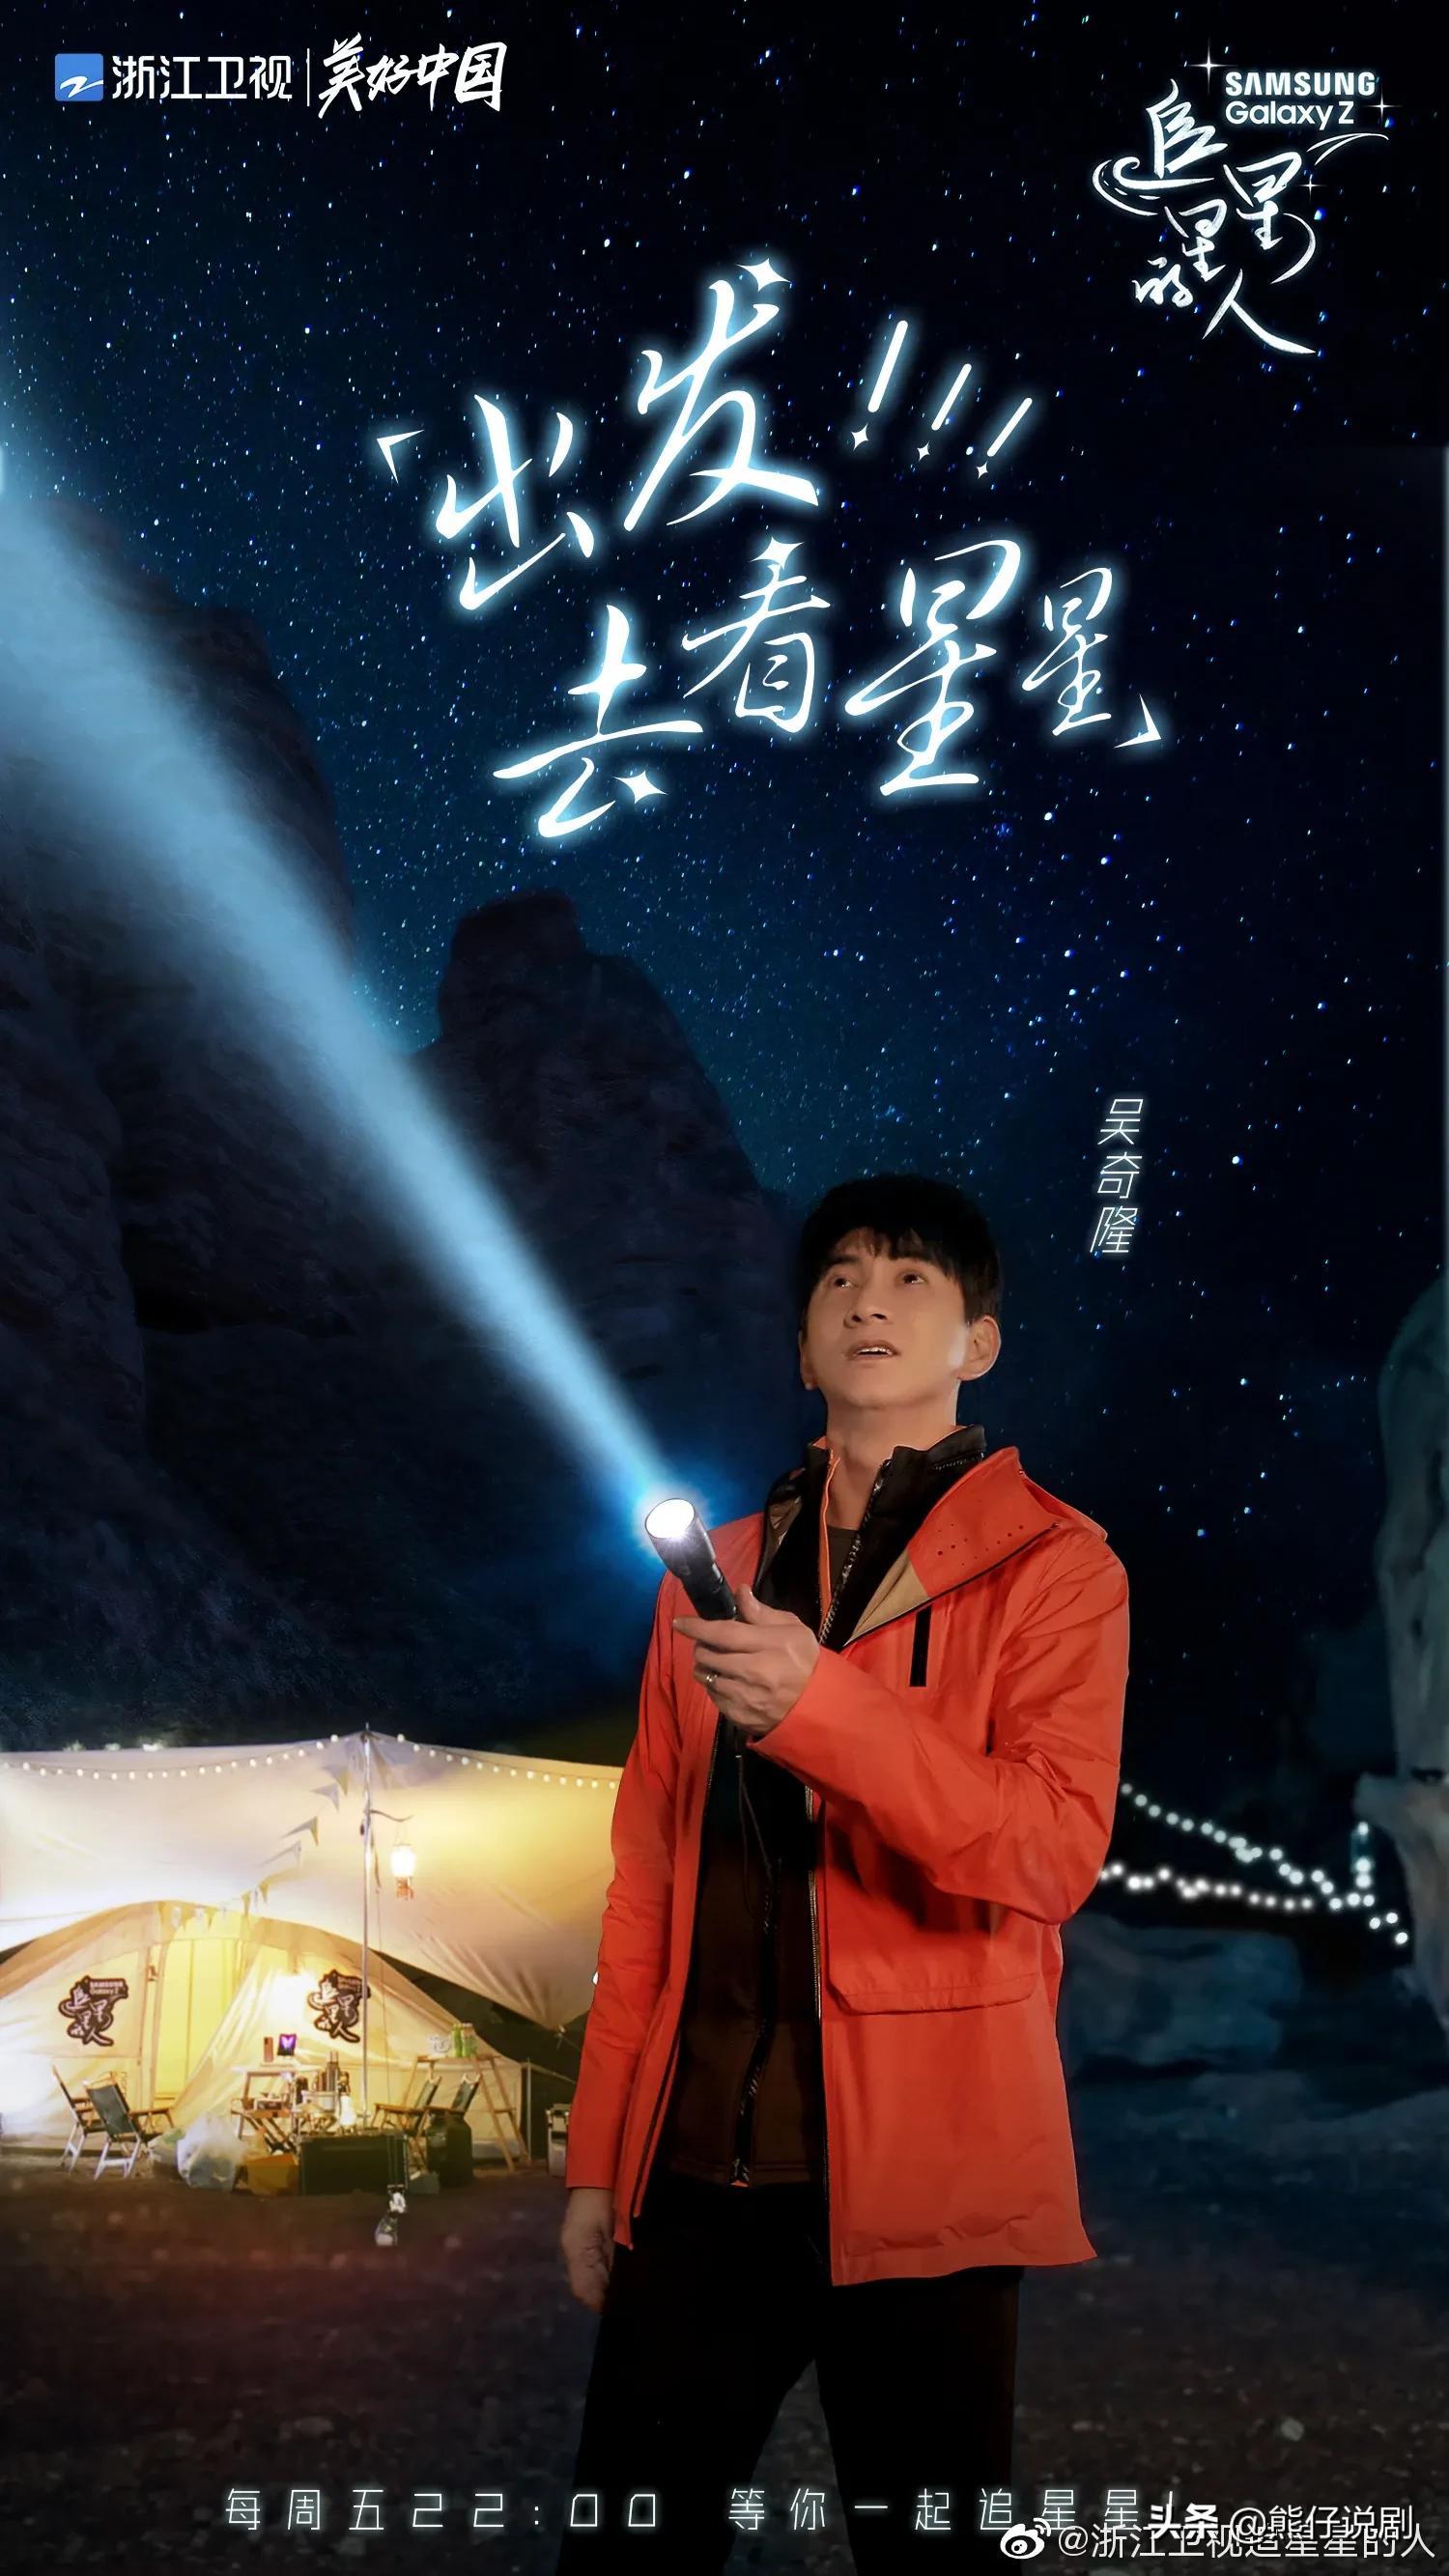 追星星的人:吴奇隆、宋轶、窦骁、何昶希带来全新综艺